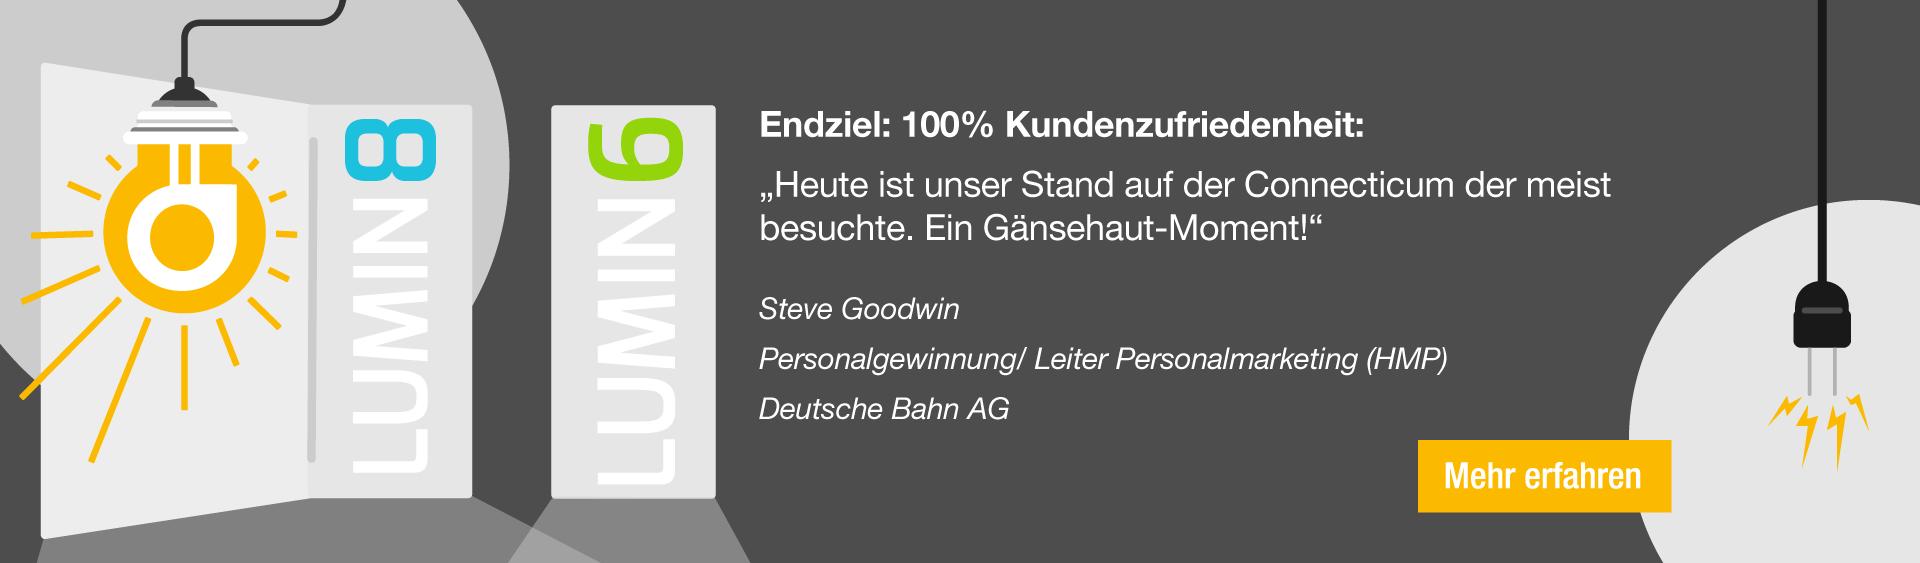 Zitat Deutsche Bahn Kundenzufriedenheit Case Study